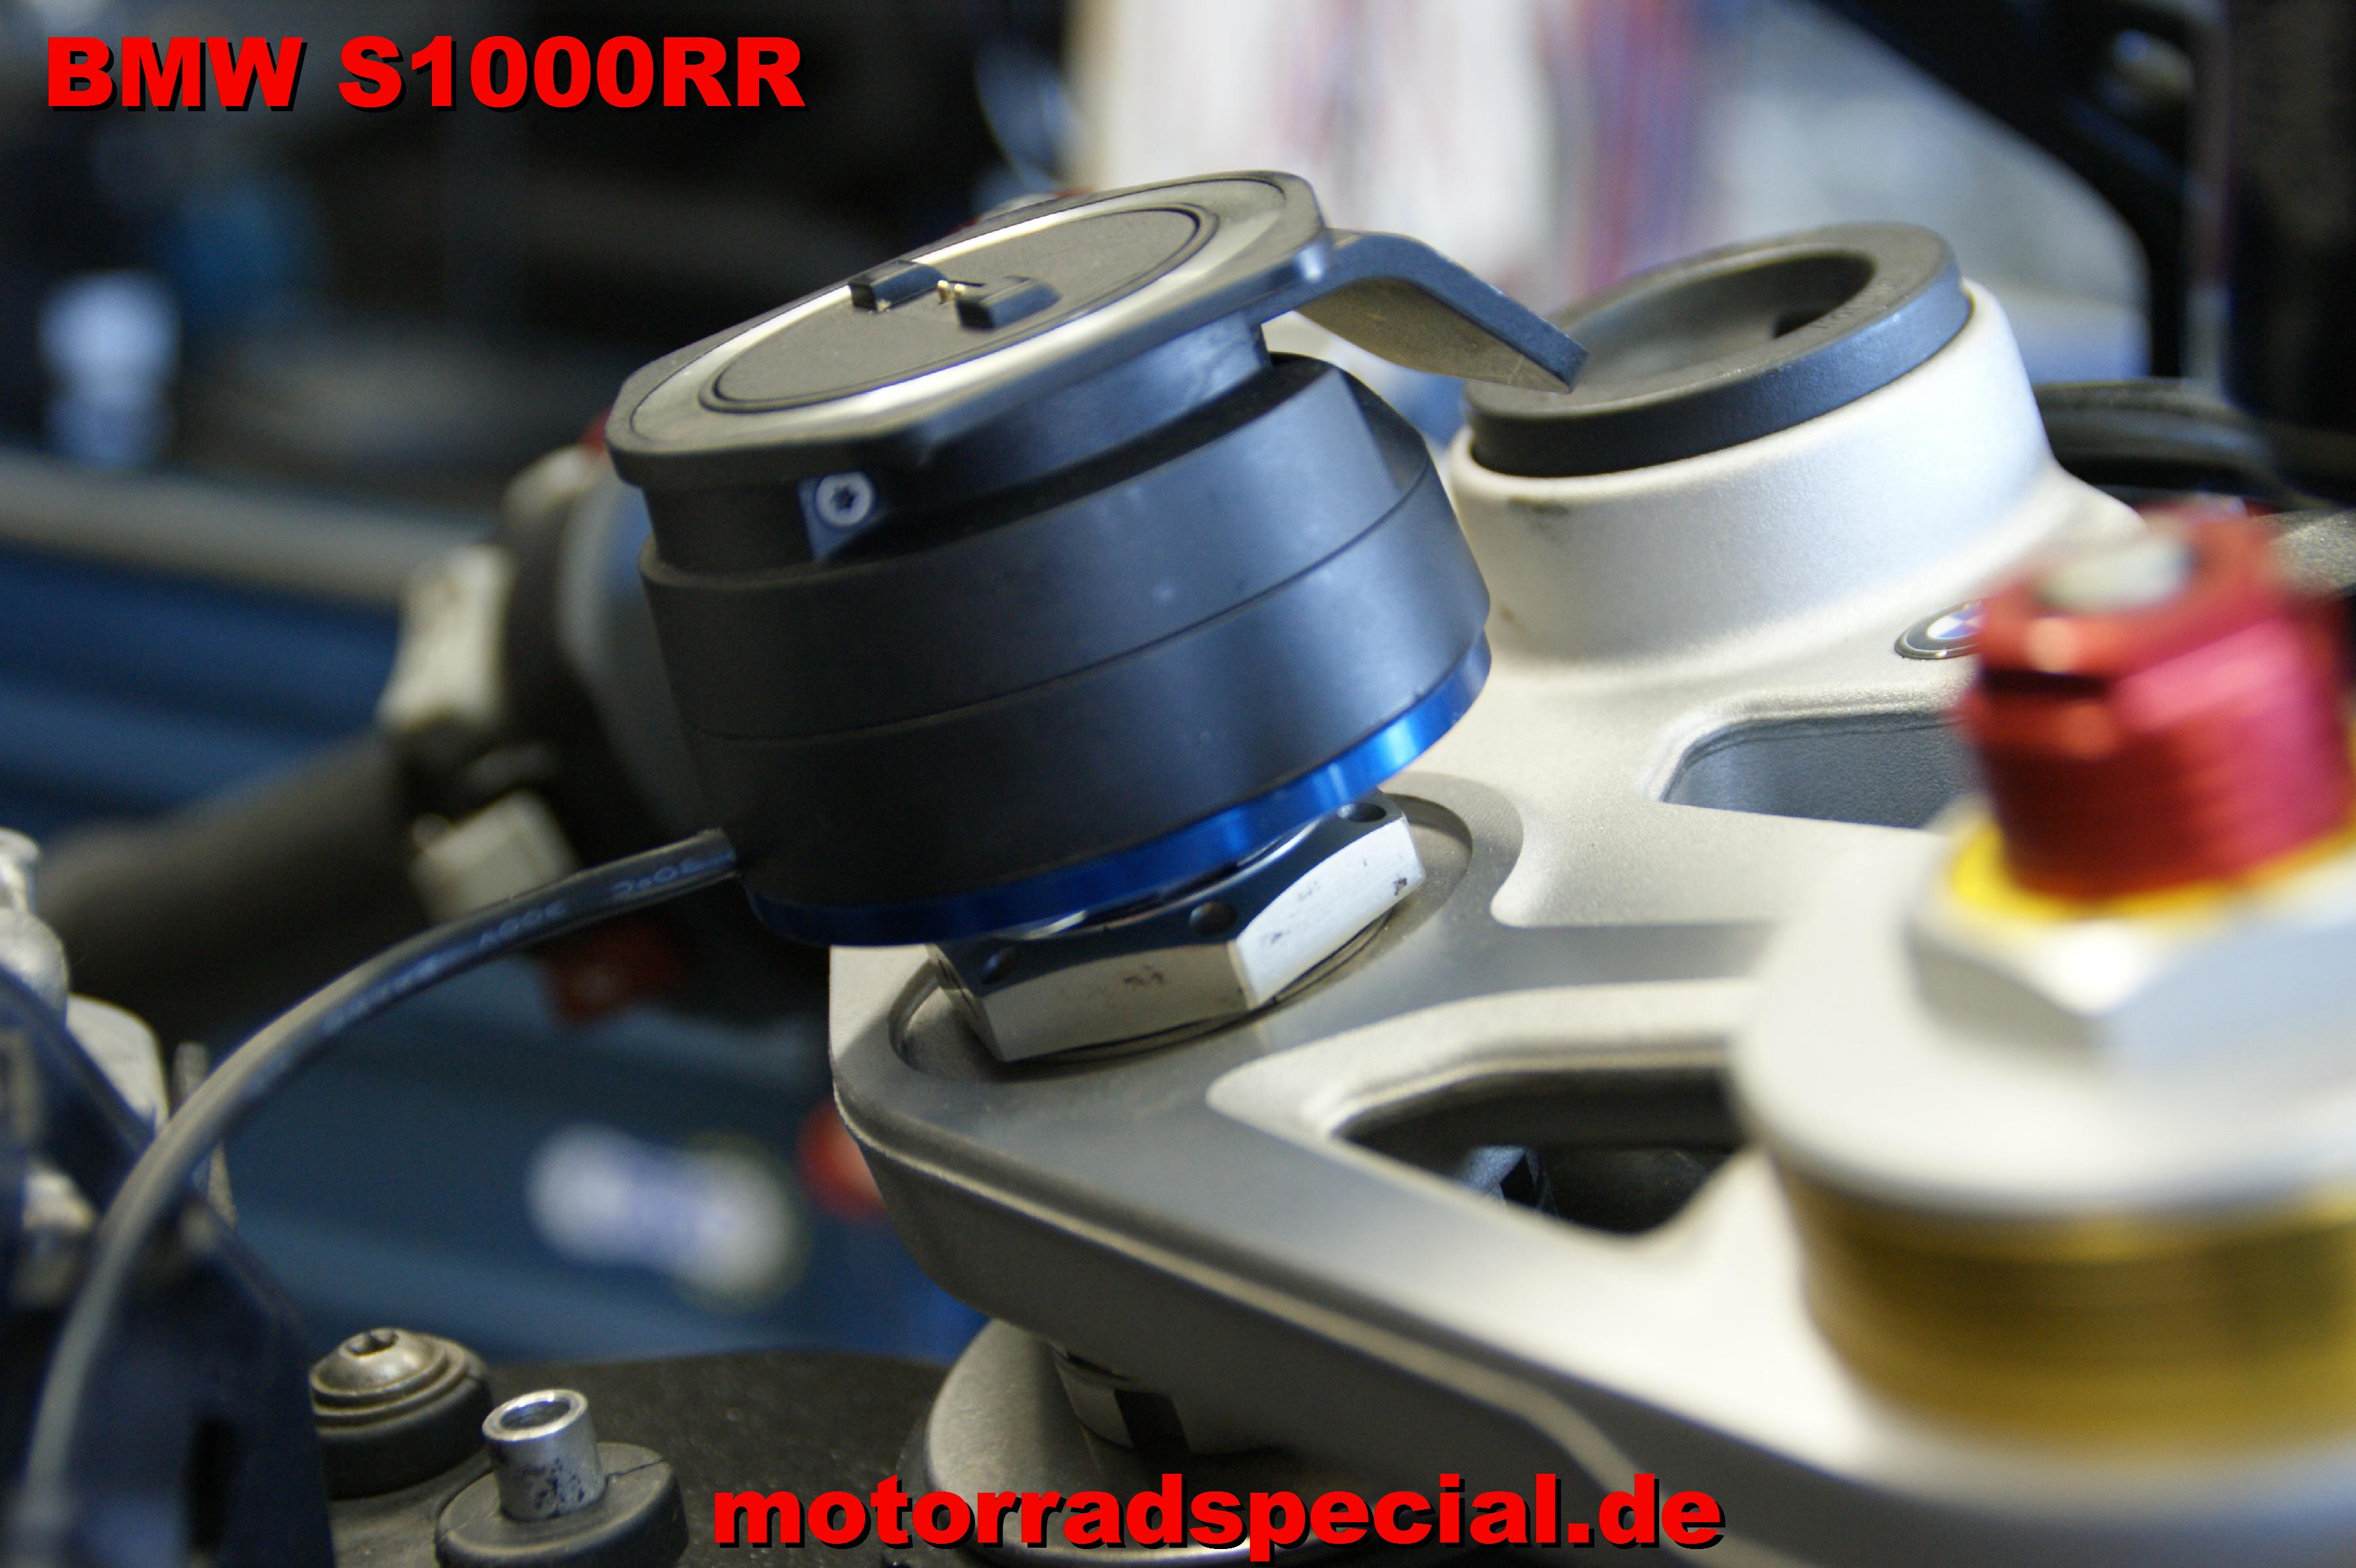 BMW_S1000RR_S1000R_Navigationshalter_Navihalter_Navihalterung3